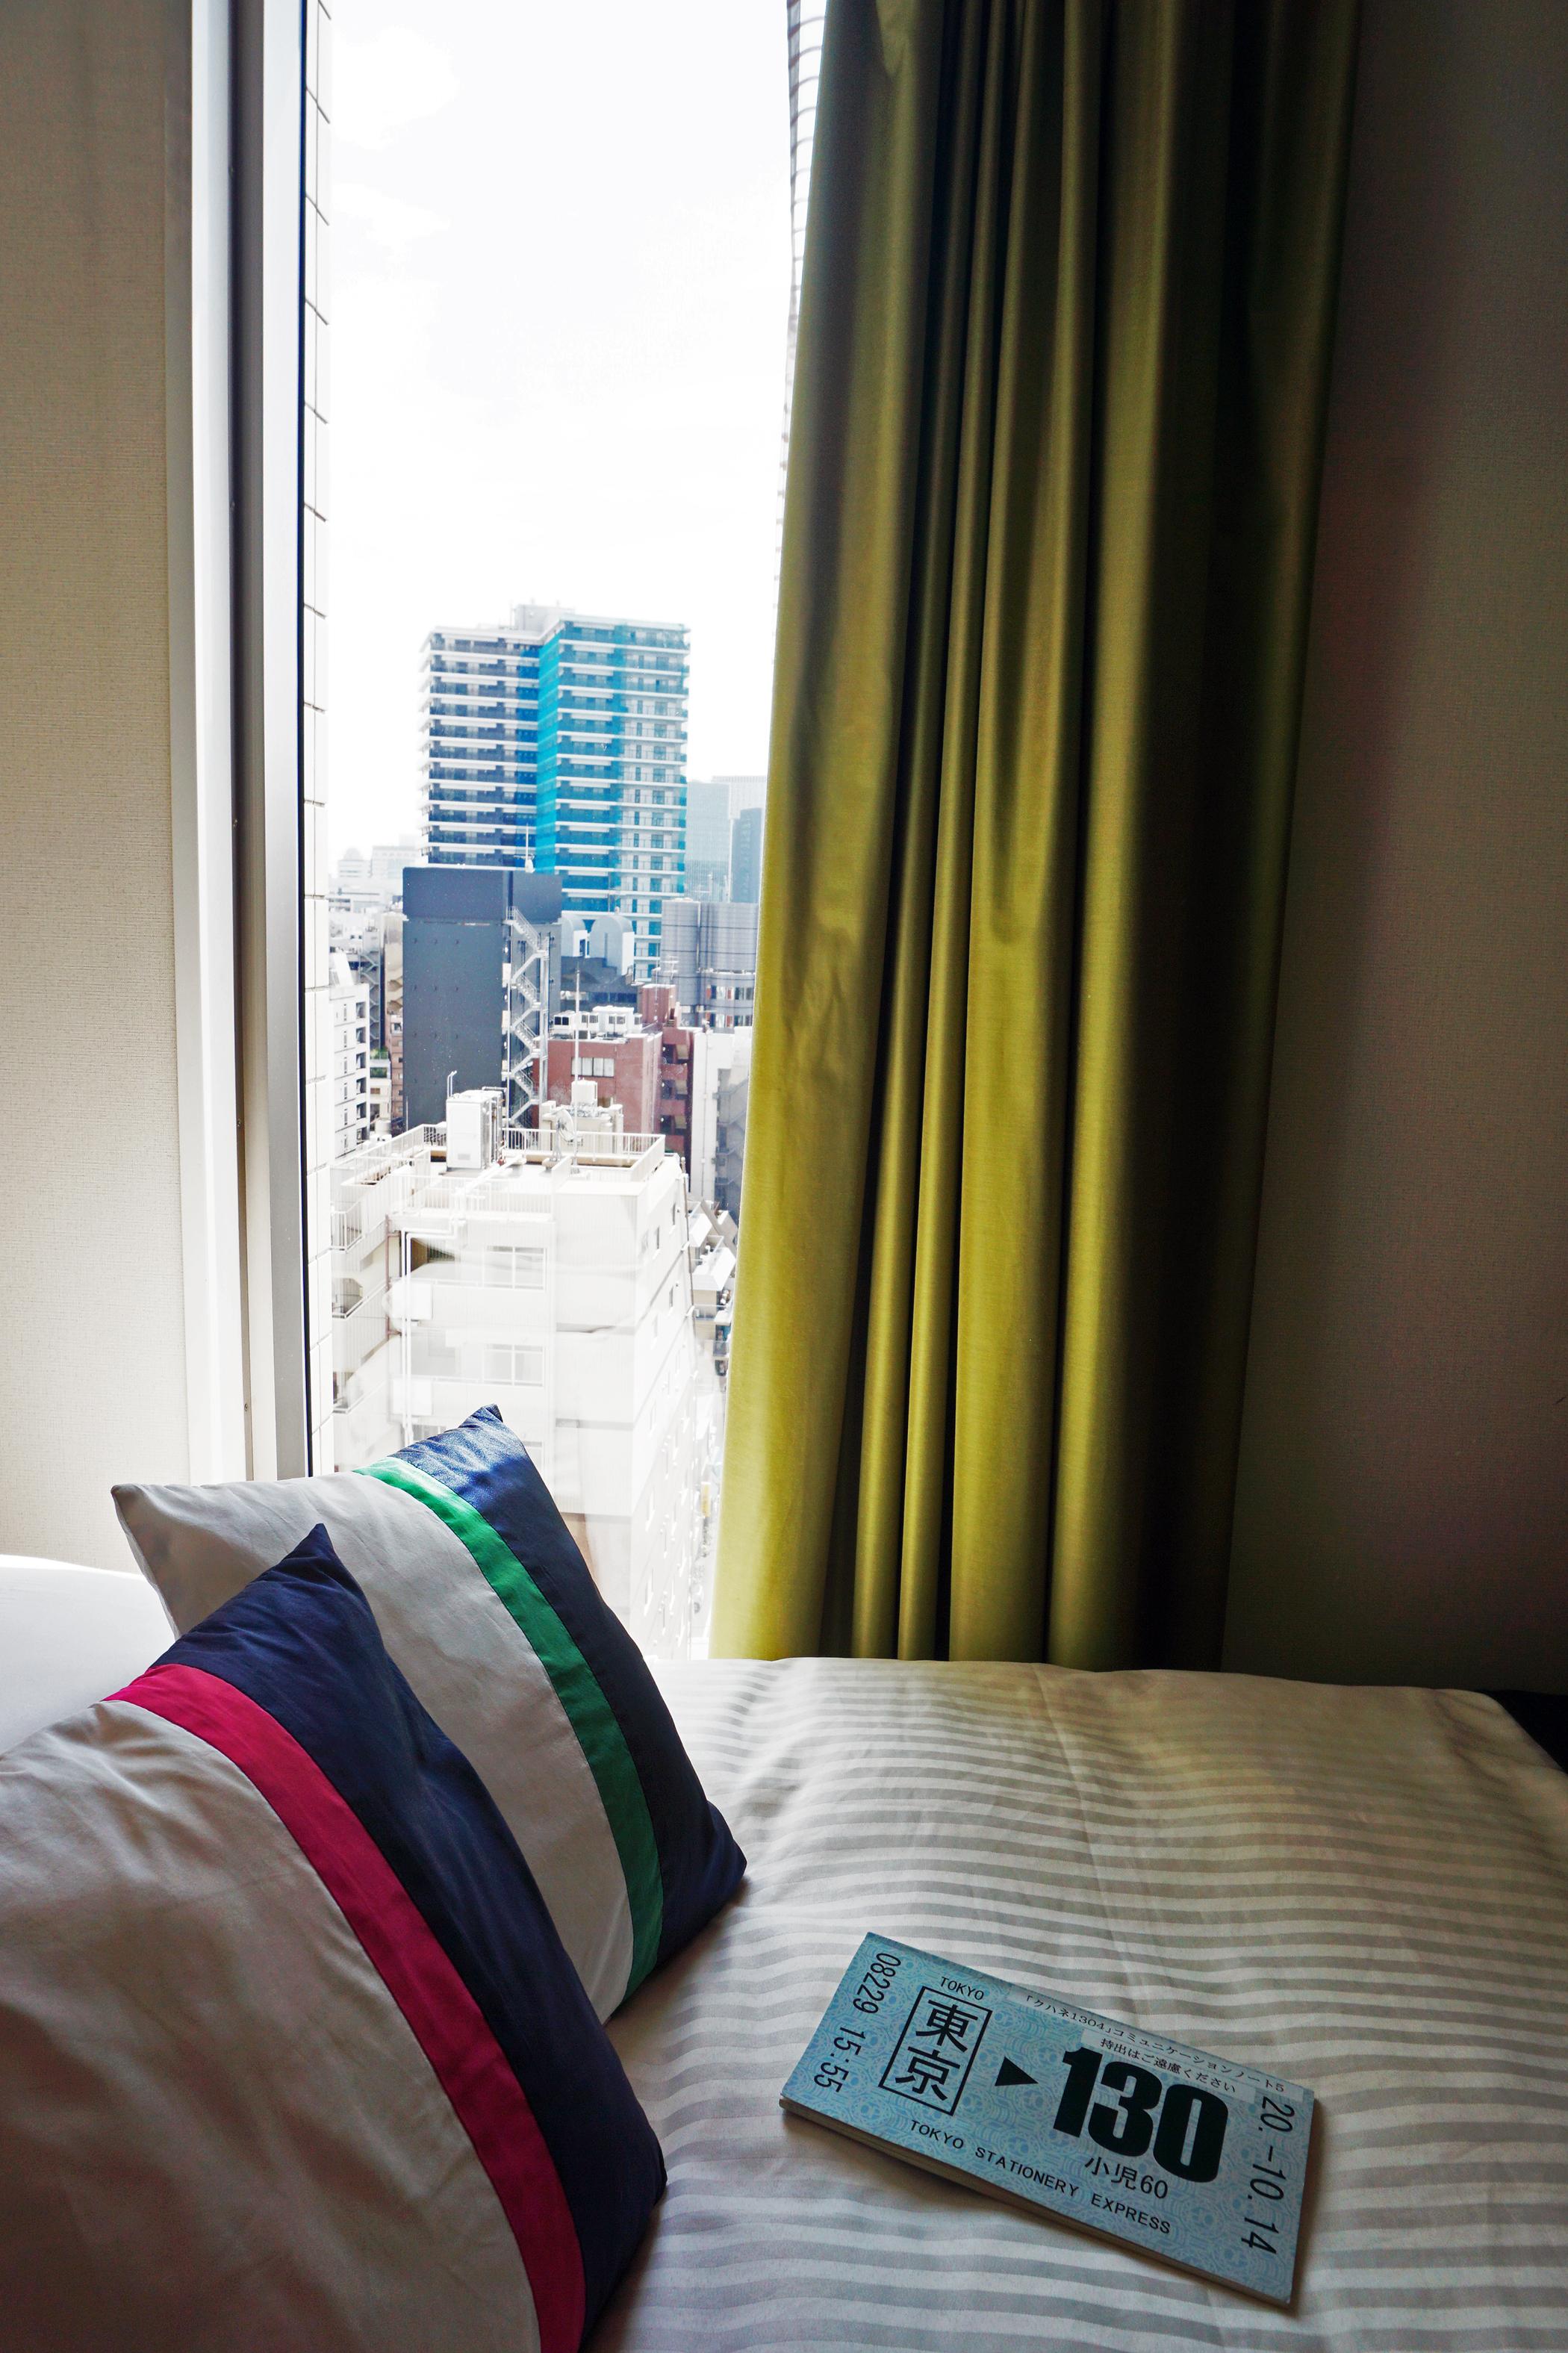 Akihabara Washington Hotel - Train Room Bed.JPG